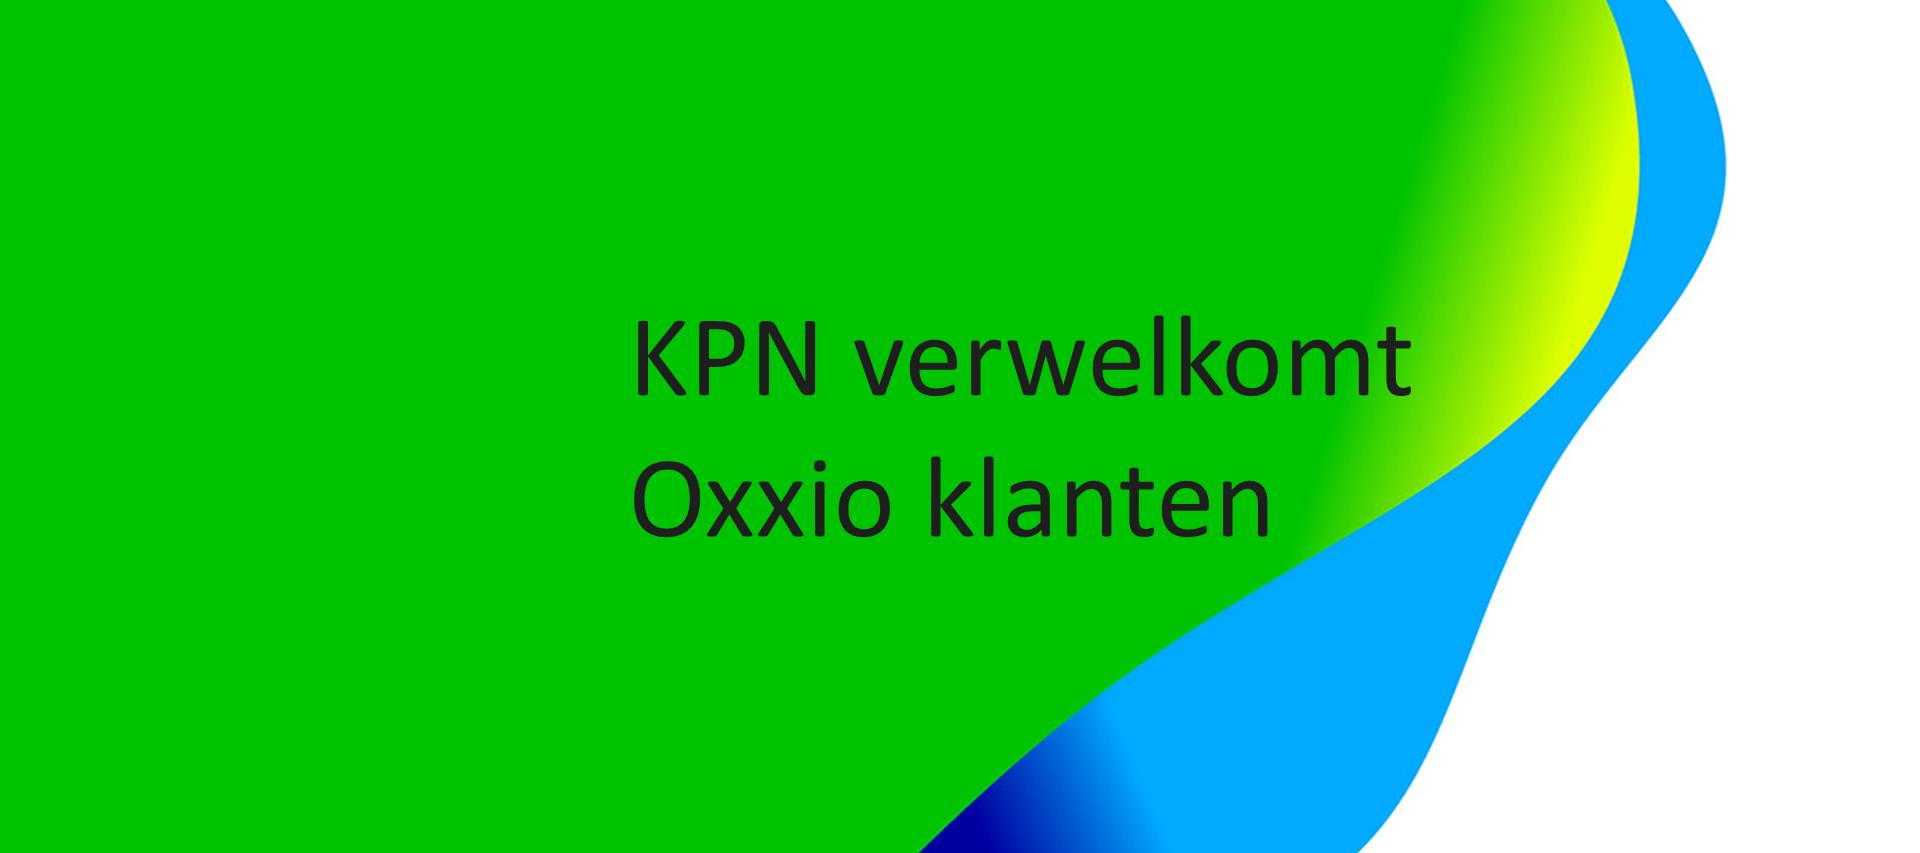 KPN verwelkomt Oxxio klanten